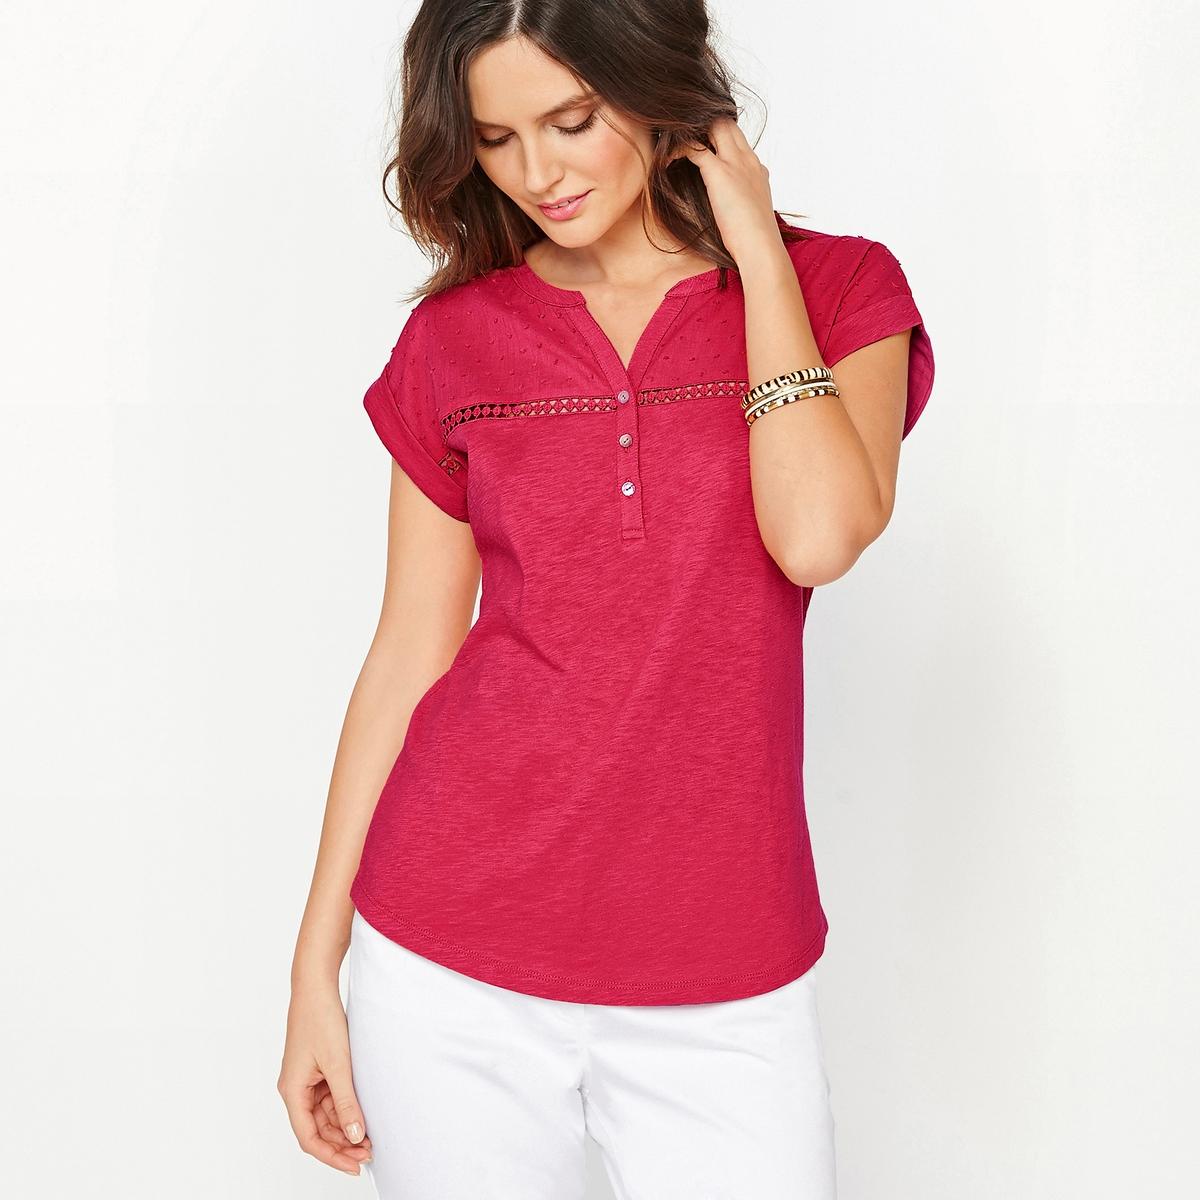 Imagen principal de producto de Camiseta 100% algodón flameado - Anne weyburn